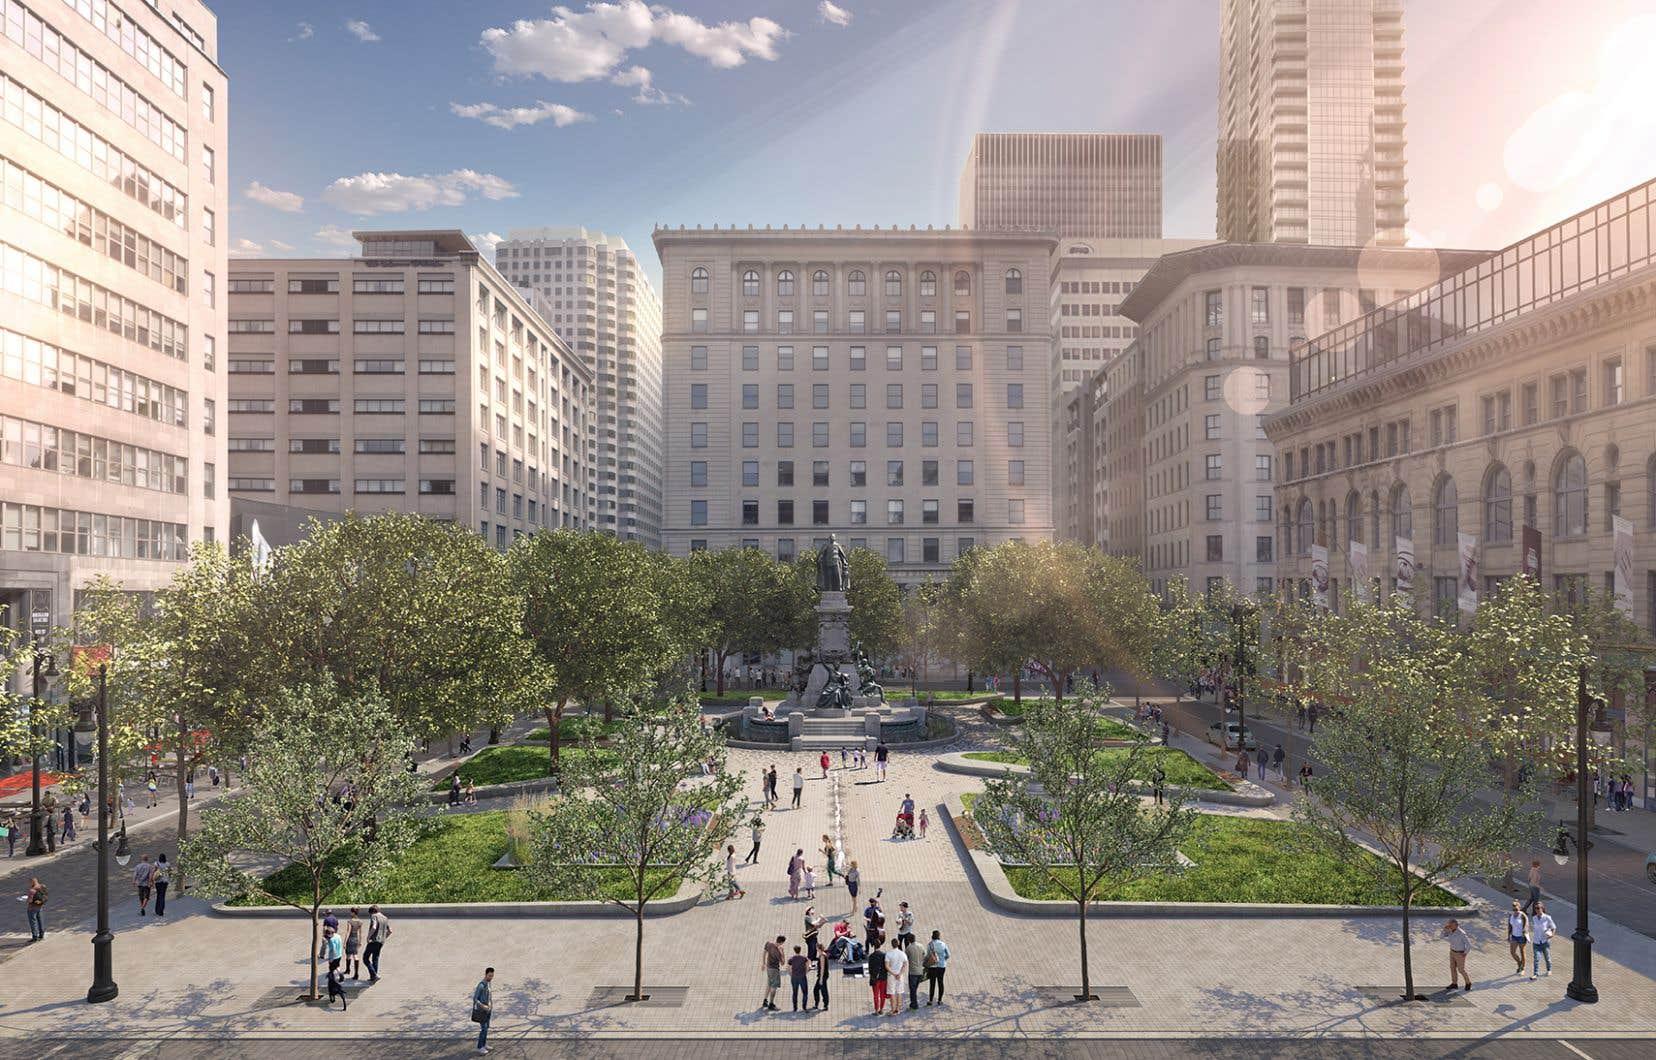 Le projet d'aménagement vise à renforcer l'identité première de la rue Sainte-Catherine Ouest tout en stimulant sa vitalité commerciale.